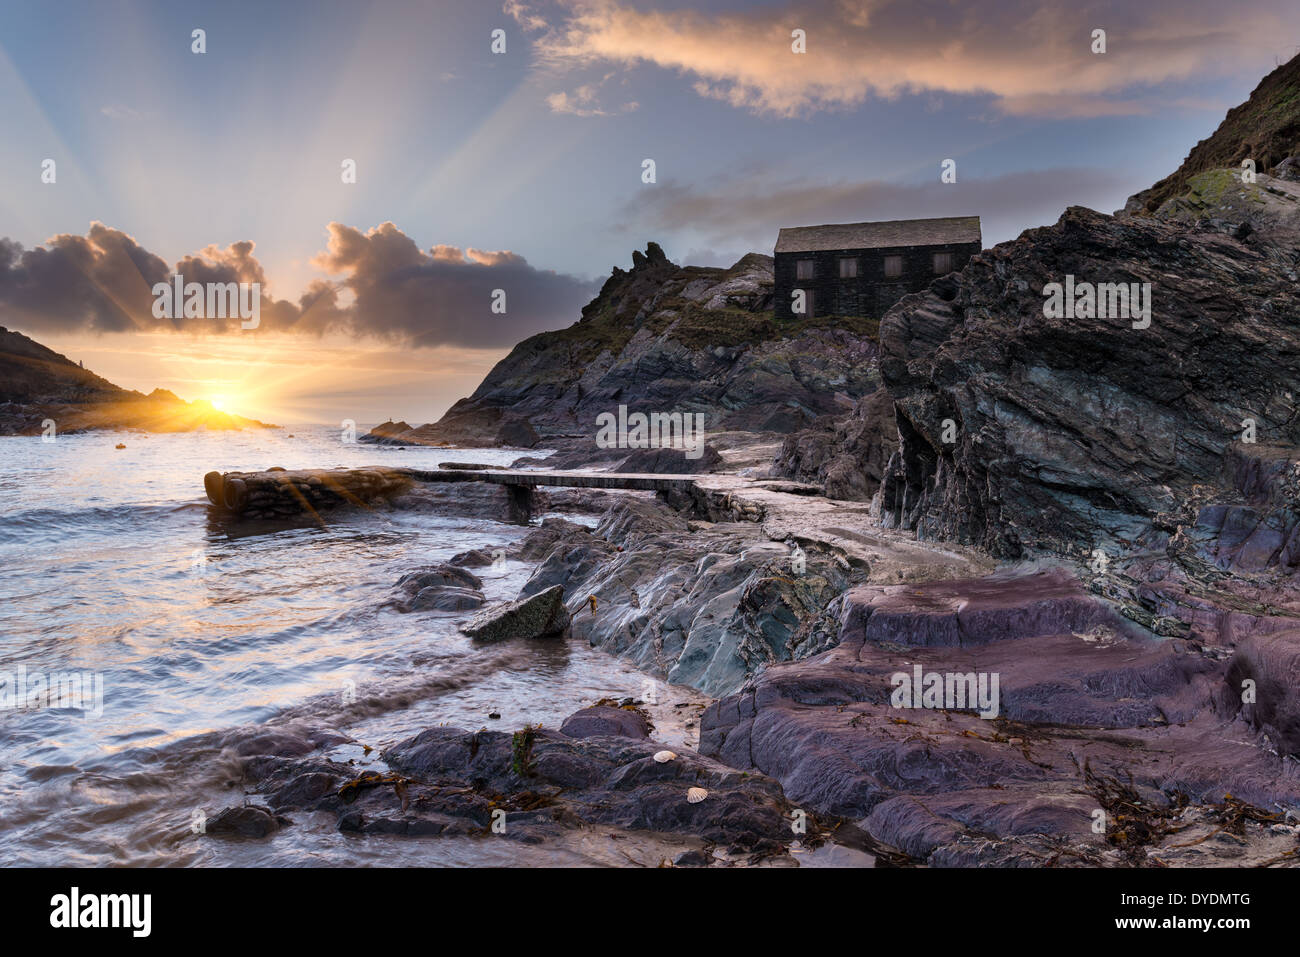 La playa en Polperro una pequeña e histórica aldea de pescadores en la costa sur de Cornualles Imagen De Stock